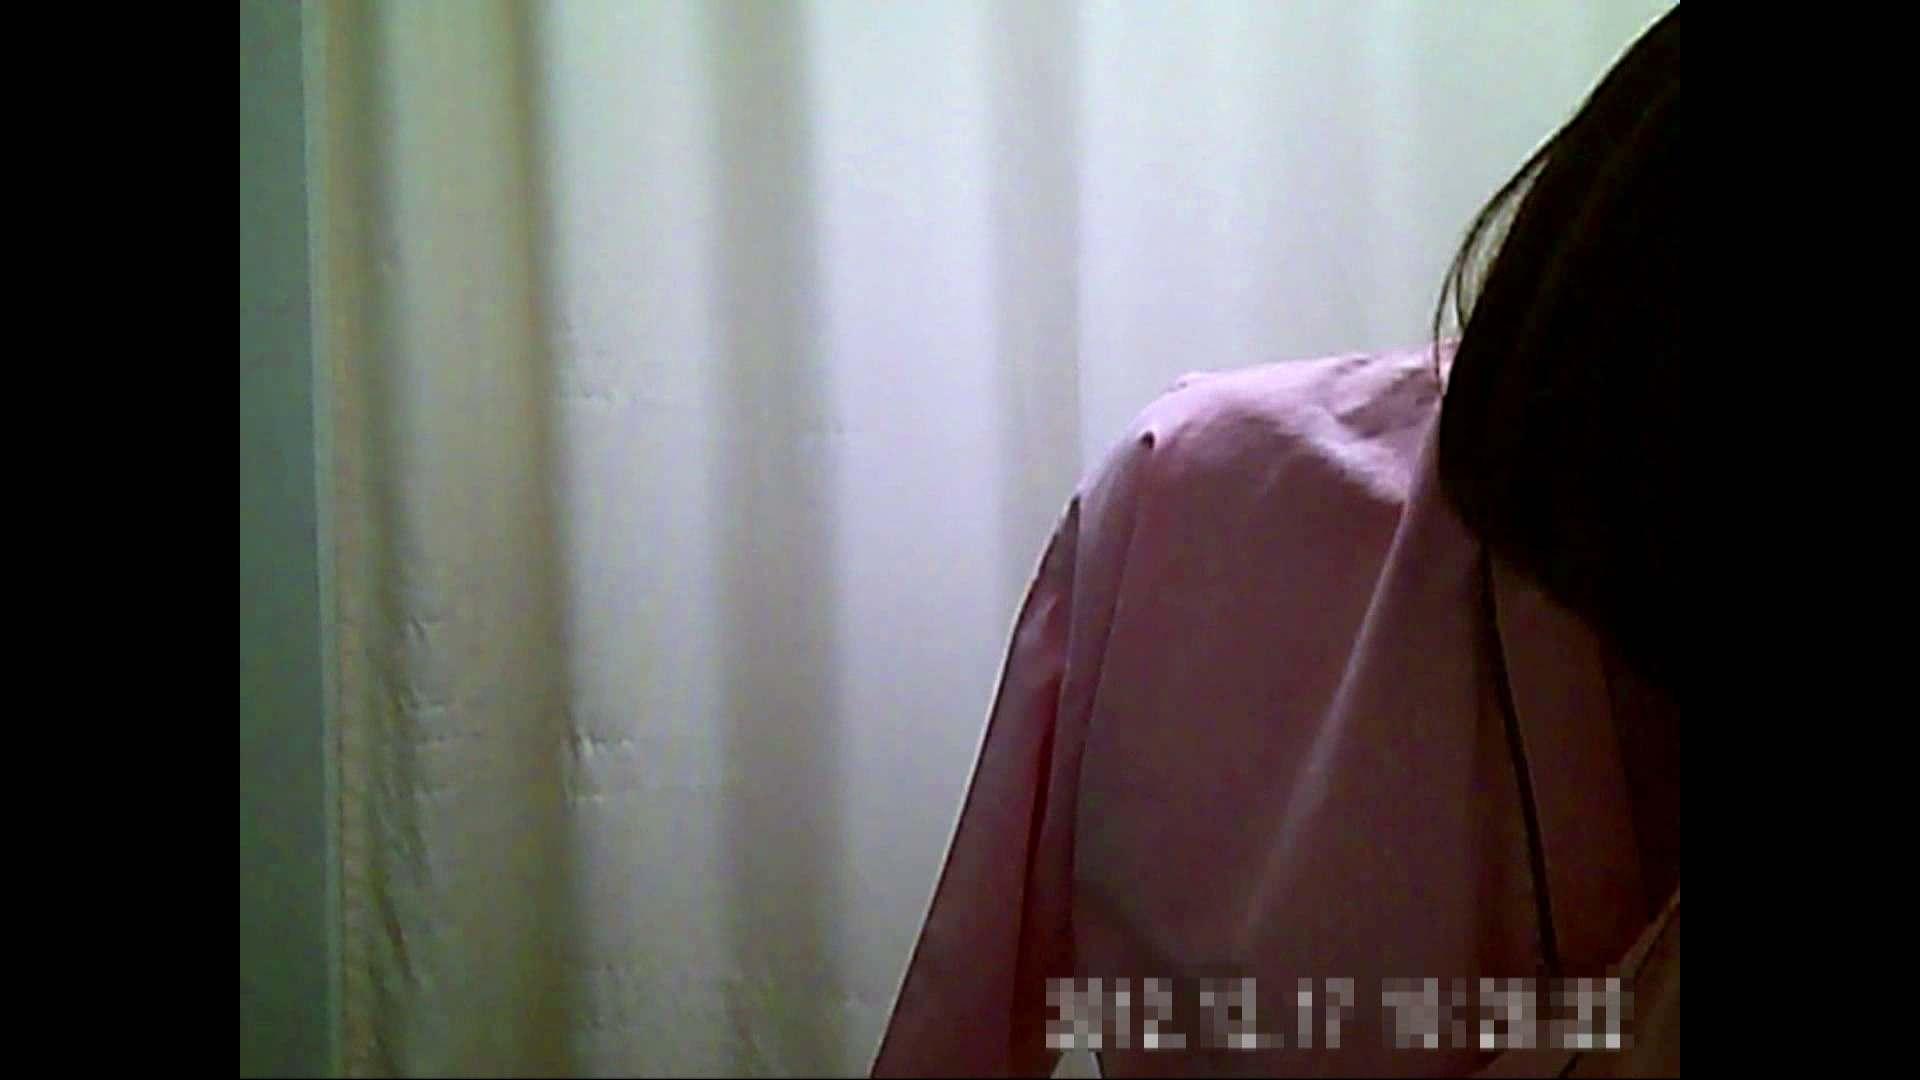 病院おもいっきり着替え! vol.179 巨乳 盗撮オマンコ無修正動画無料 101画像 12